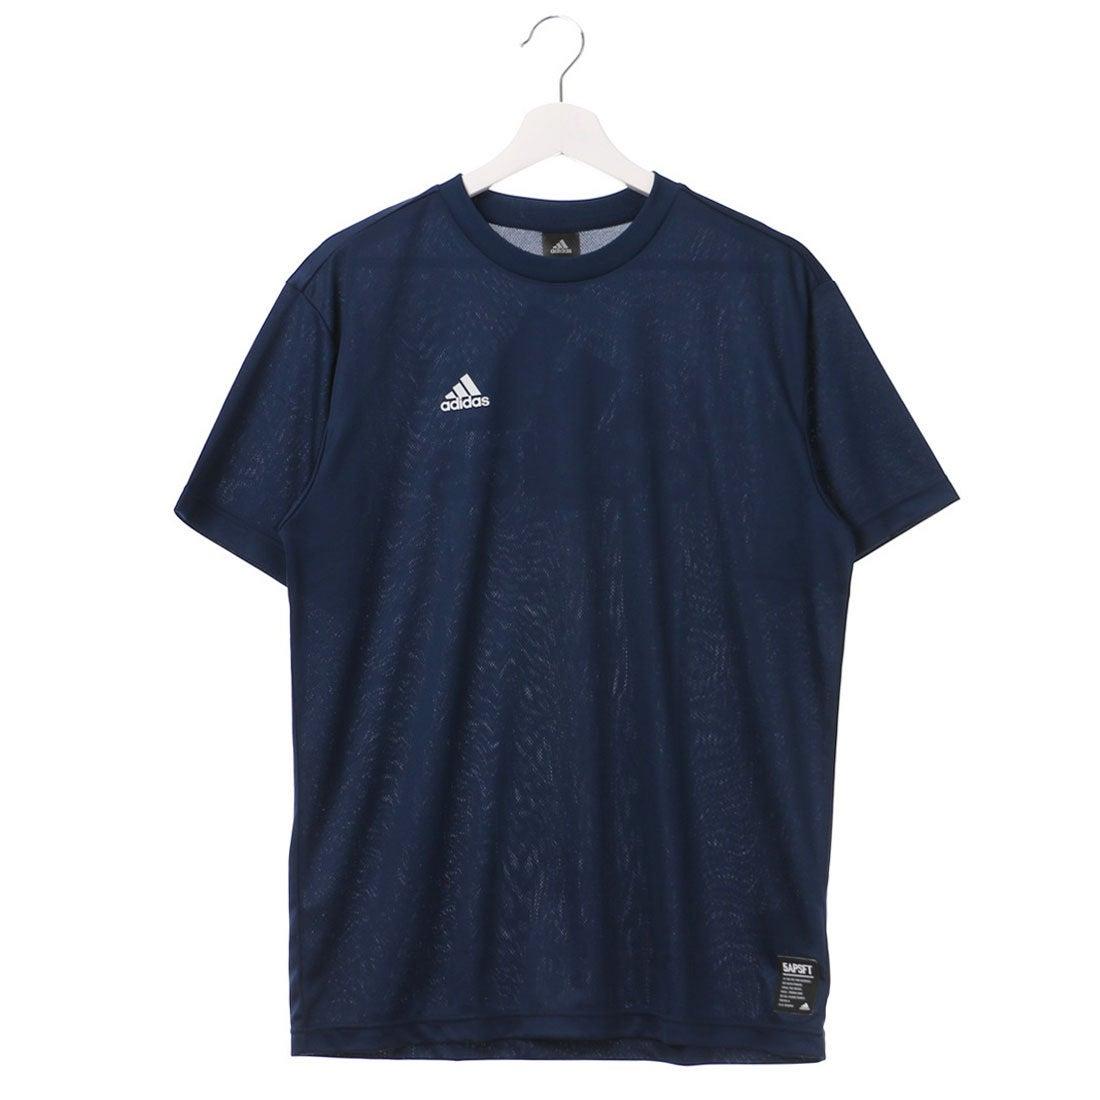 【SALE 53%OFF】アディダス adidas メンズ 野球 半袖Tシャツ バックプリントロゴ BR5605 メンズ